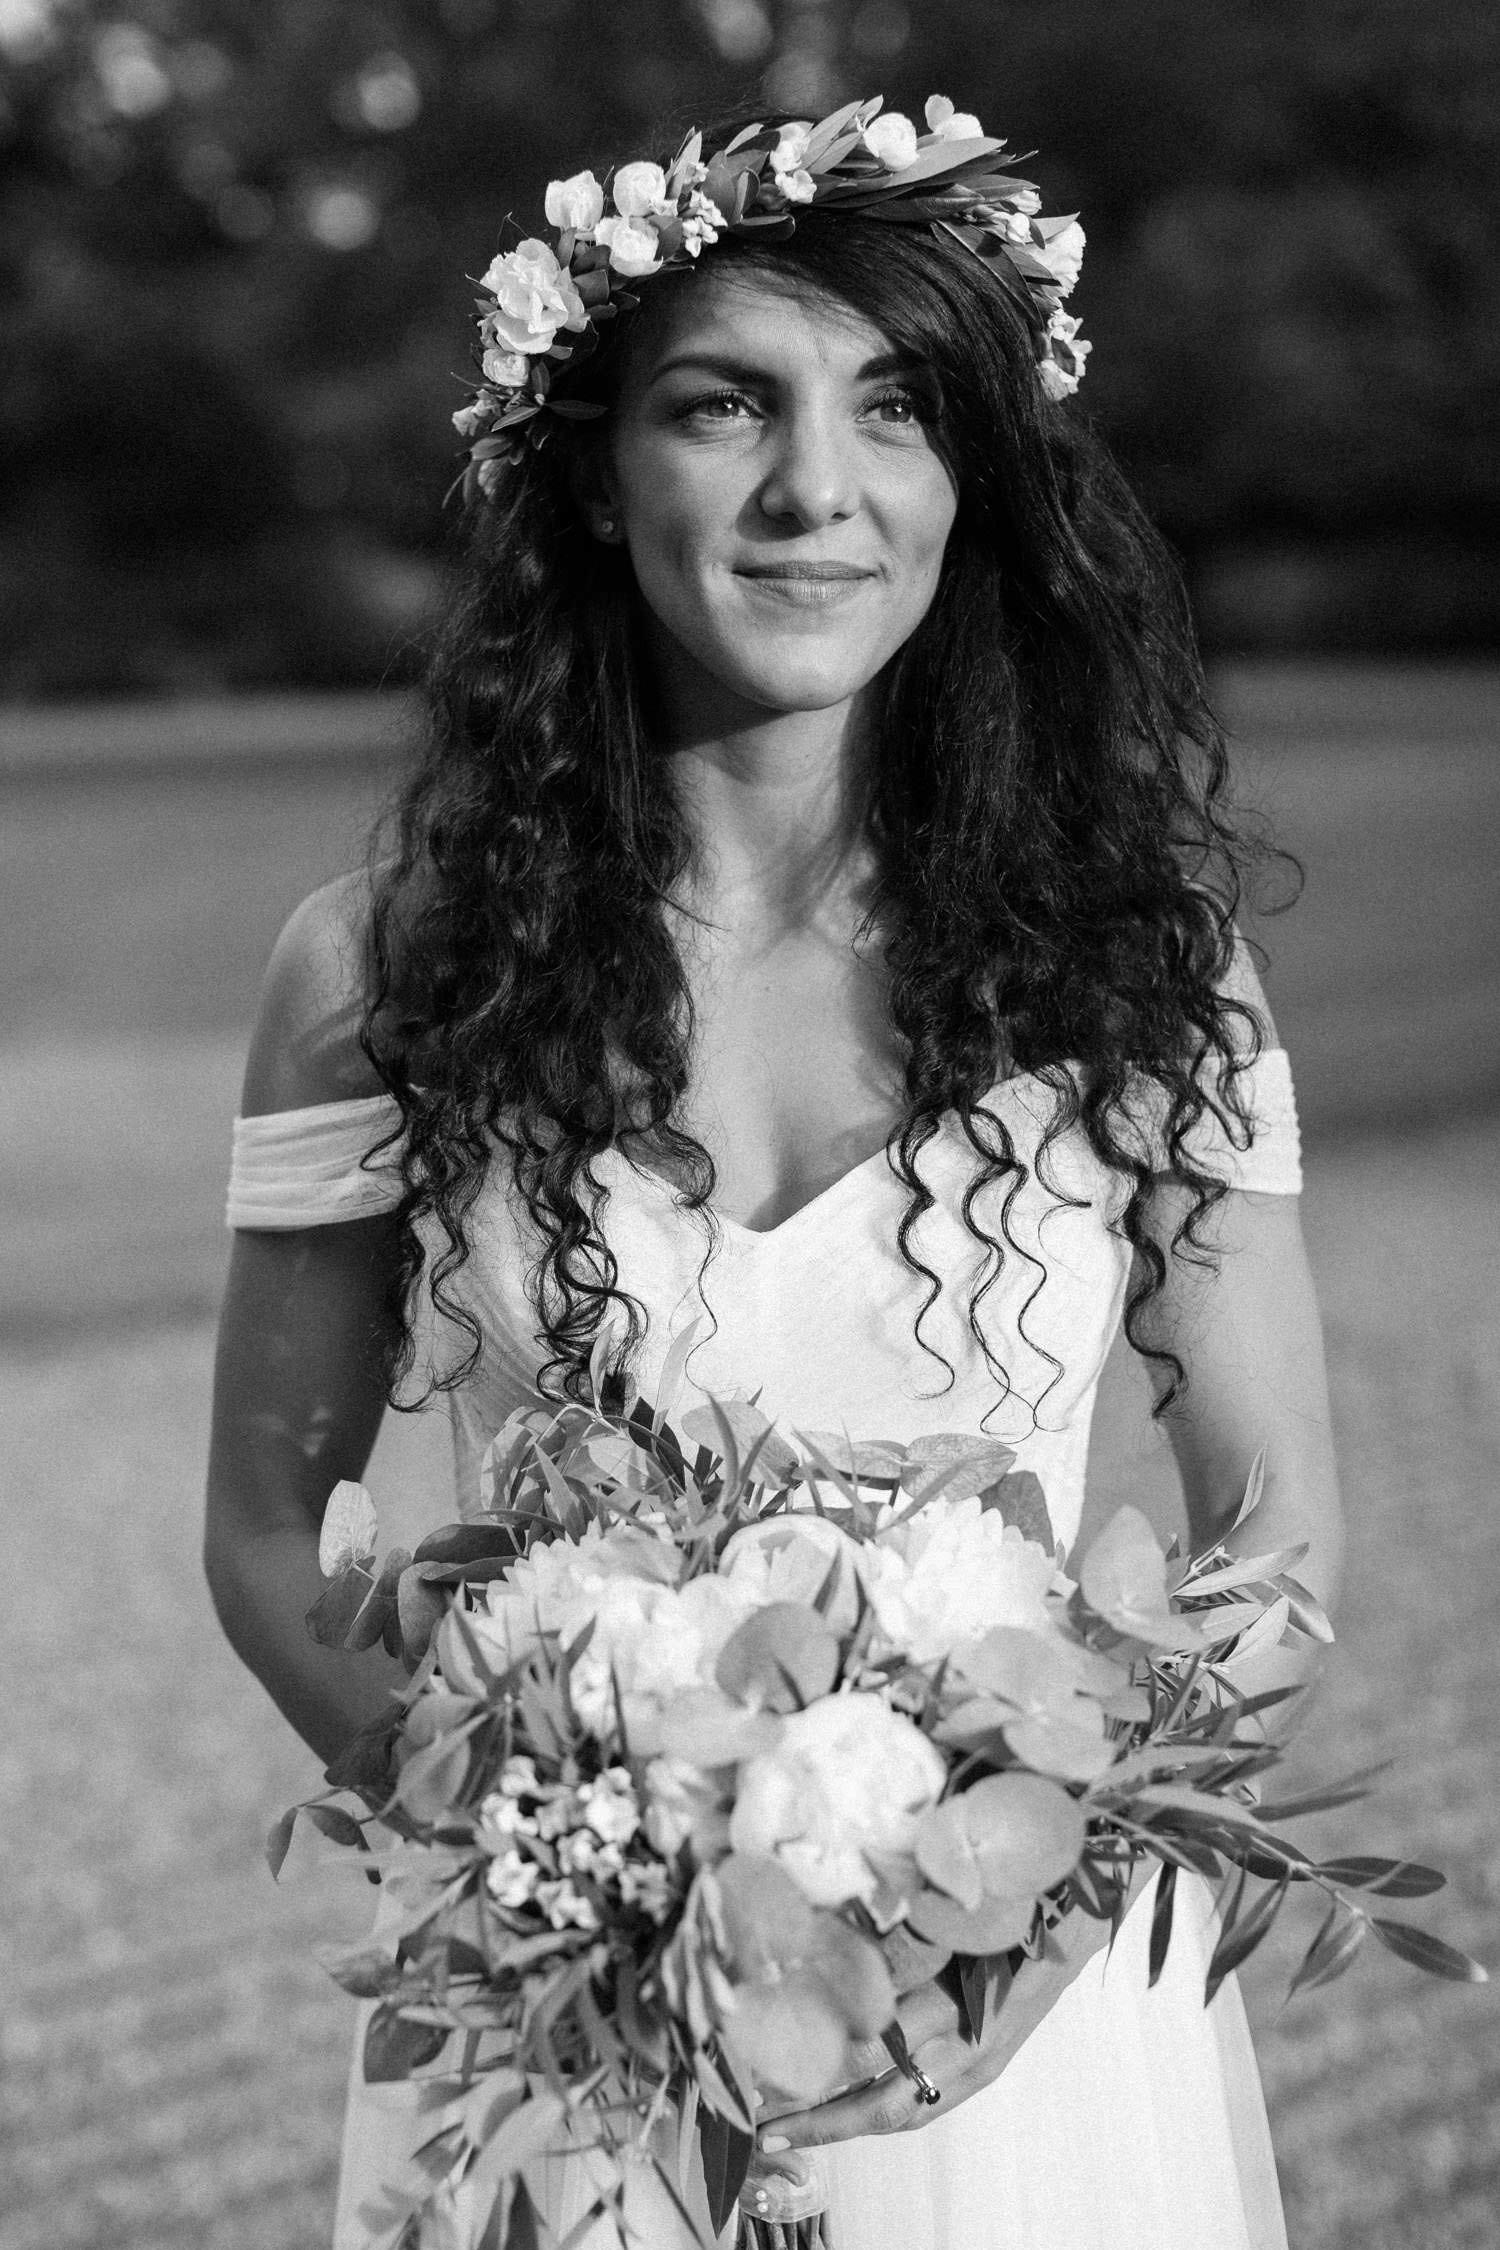 Brud med brudbukett från Lilla Hults blommor i Ängeholm. Platsen är Trolleholms slott.